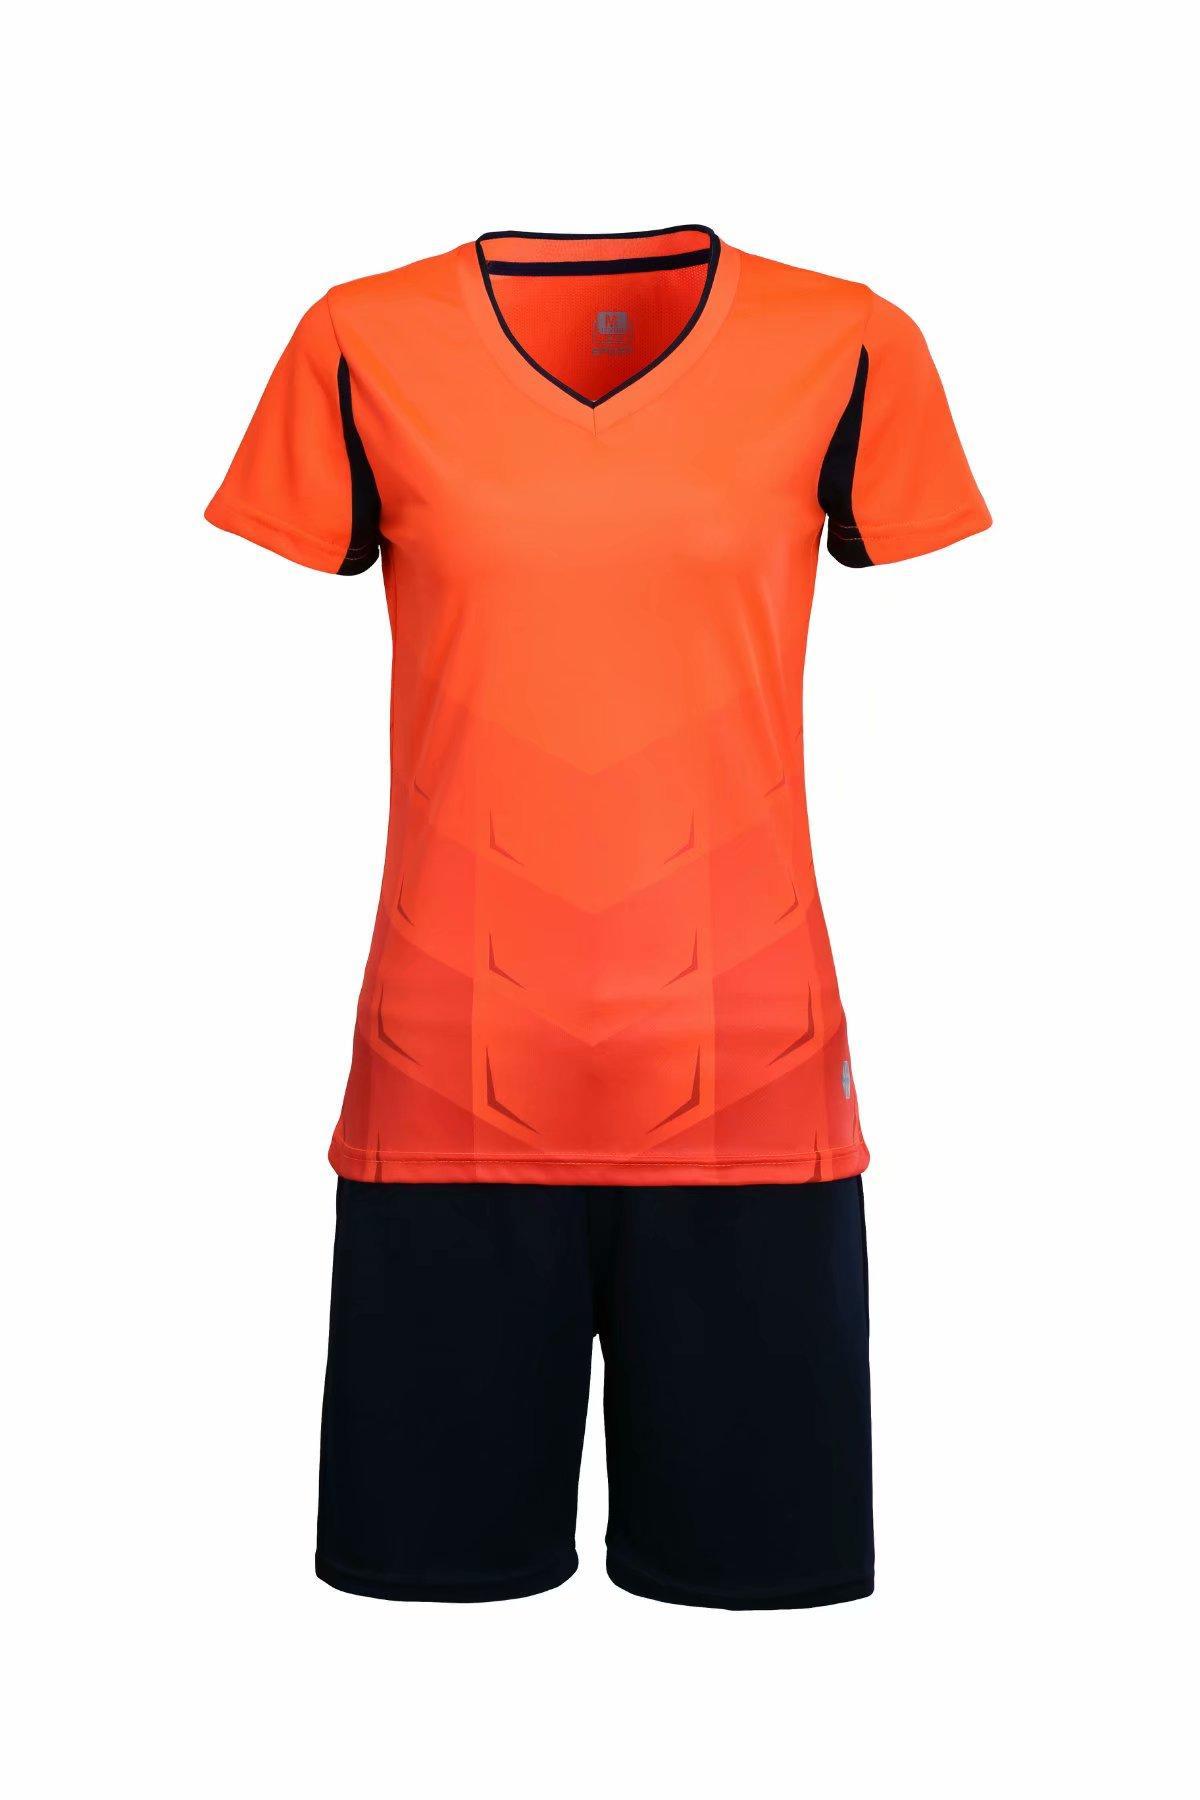 B1249999 الفانيلة مخصص أو ارتداء عارضة أوامر، ملاحظة اللون والأسلوب، اتصل بخدمة العملاء لتخصيص جيرسي اسم رقم قصير الأكمام